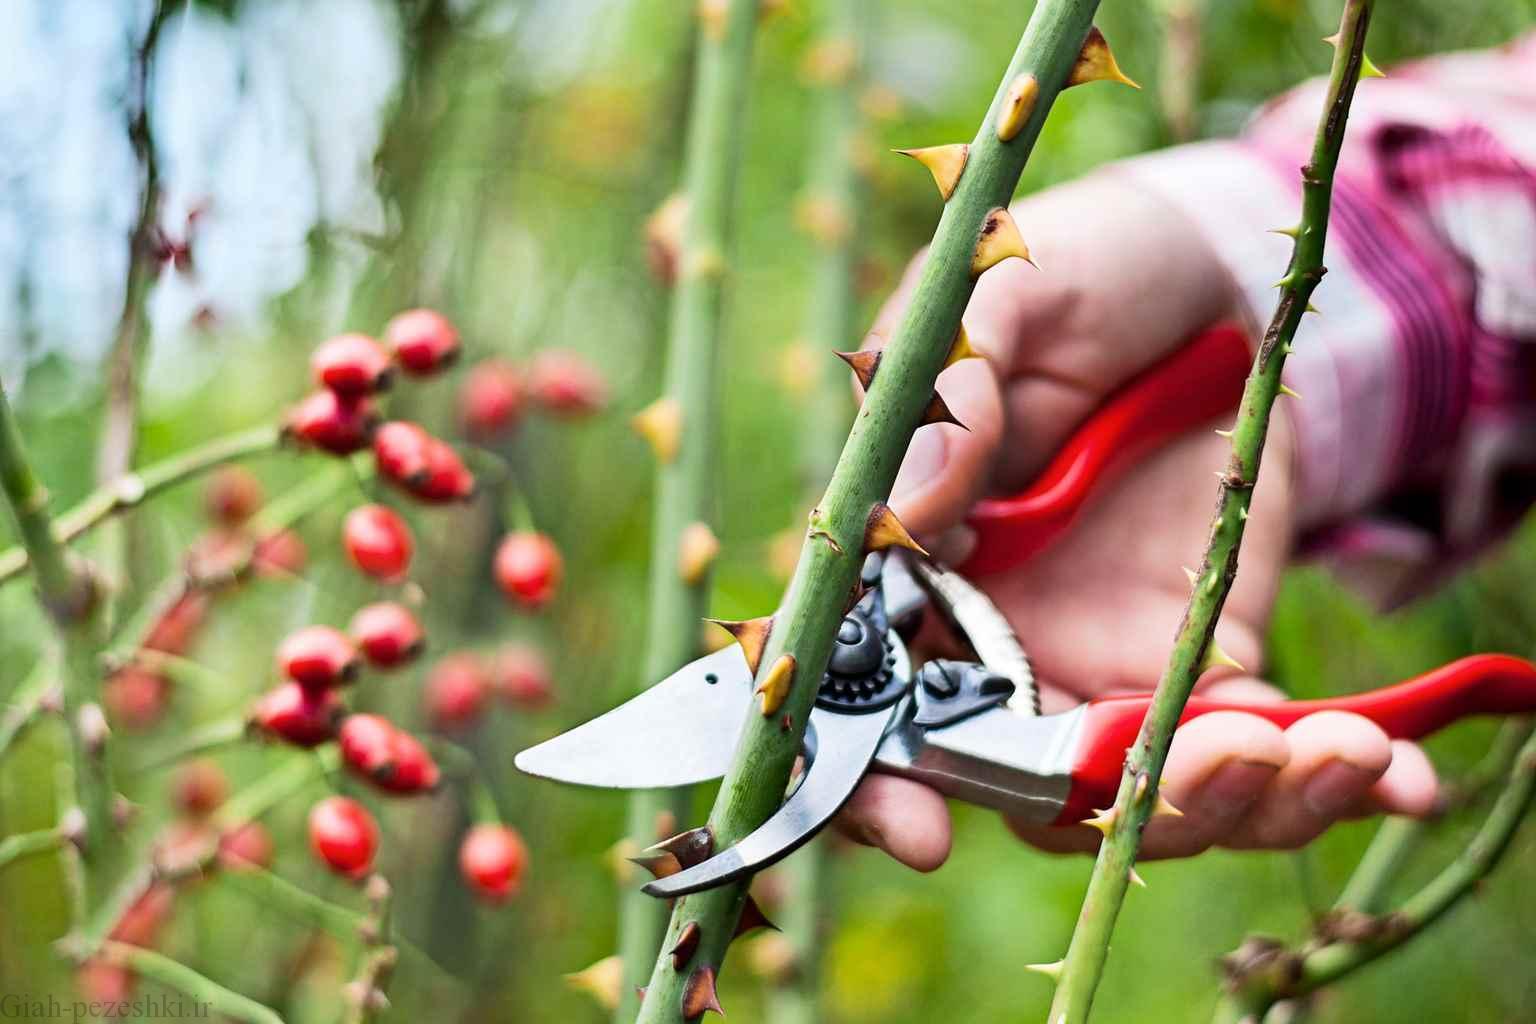 روش نگهداری از گل های رز در فصل پاییز